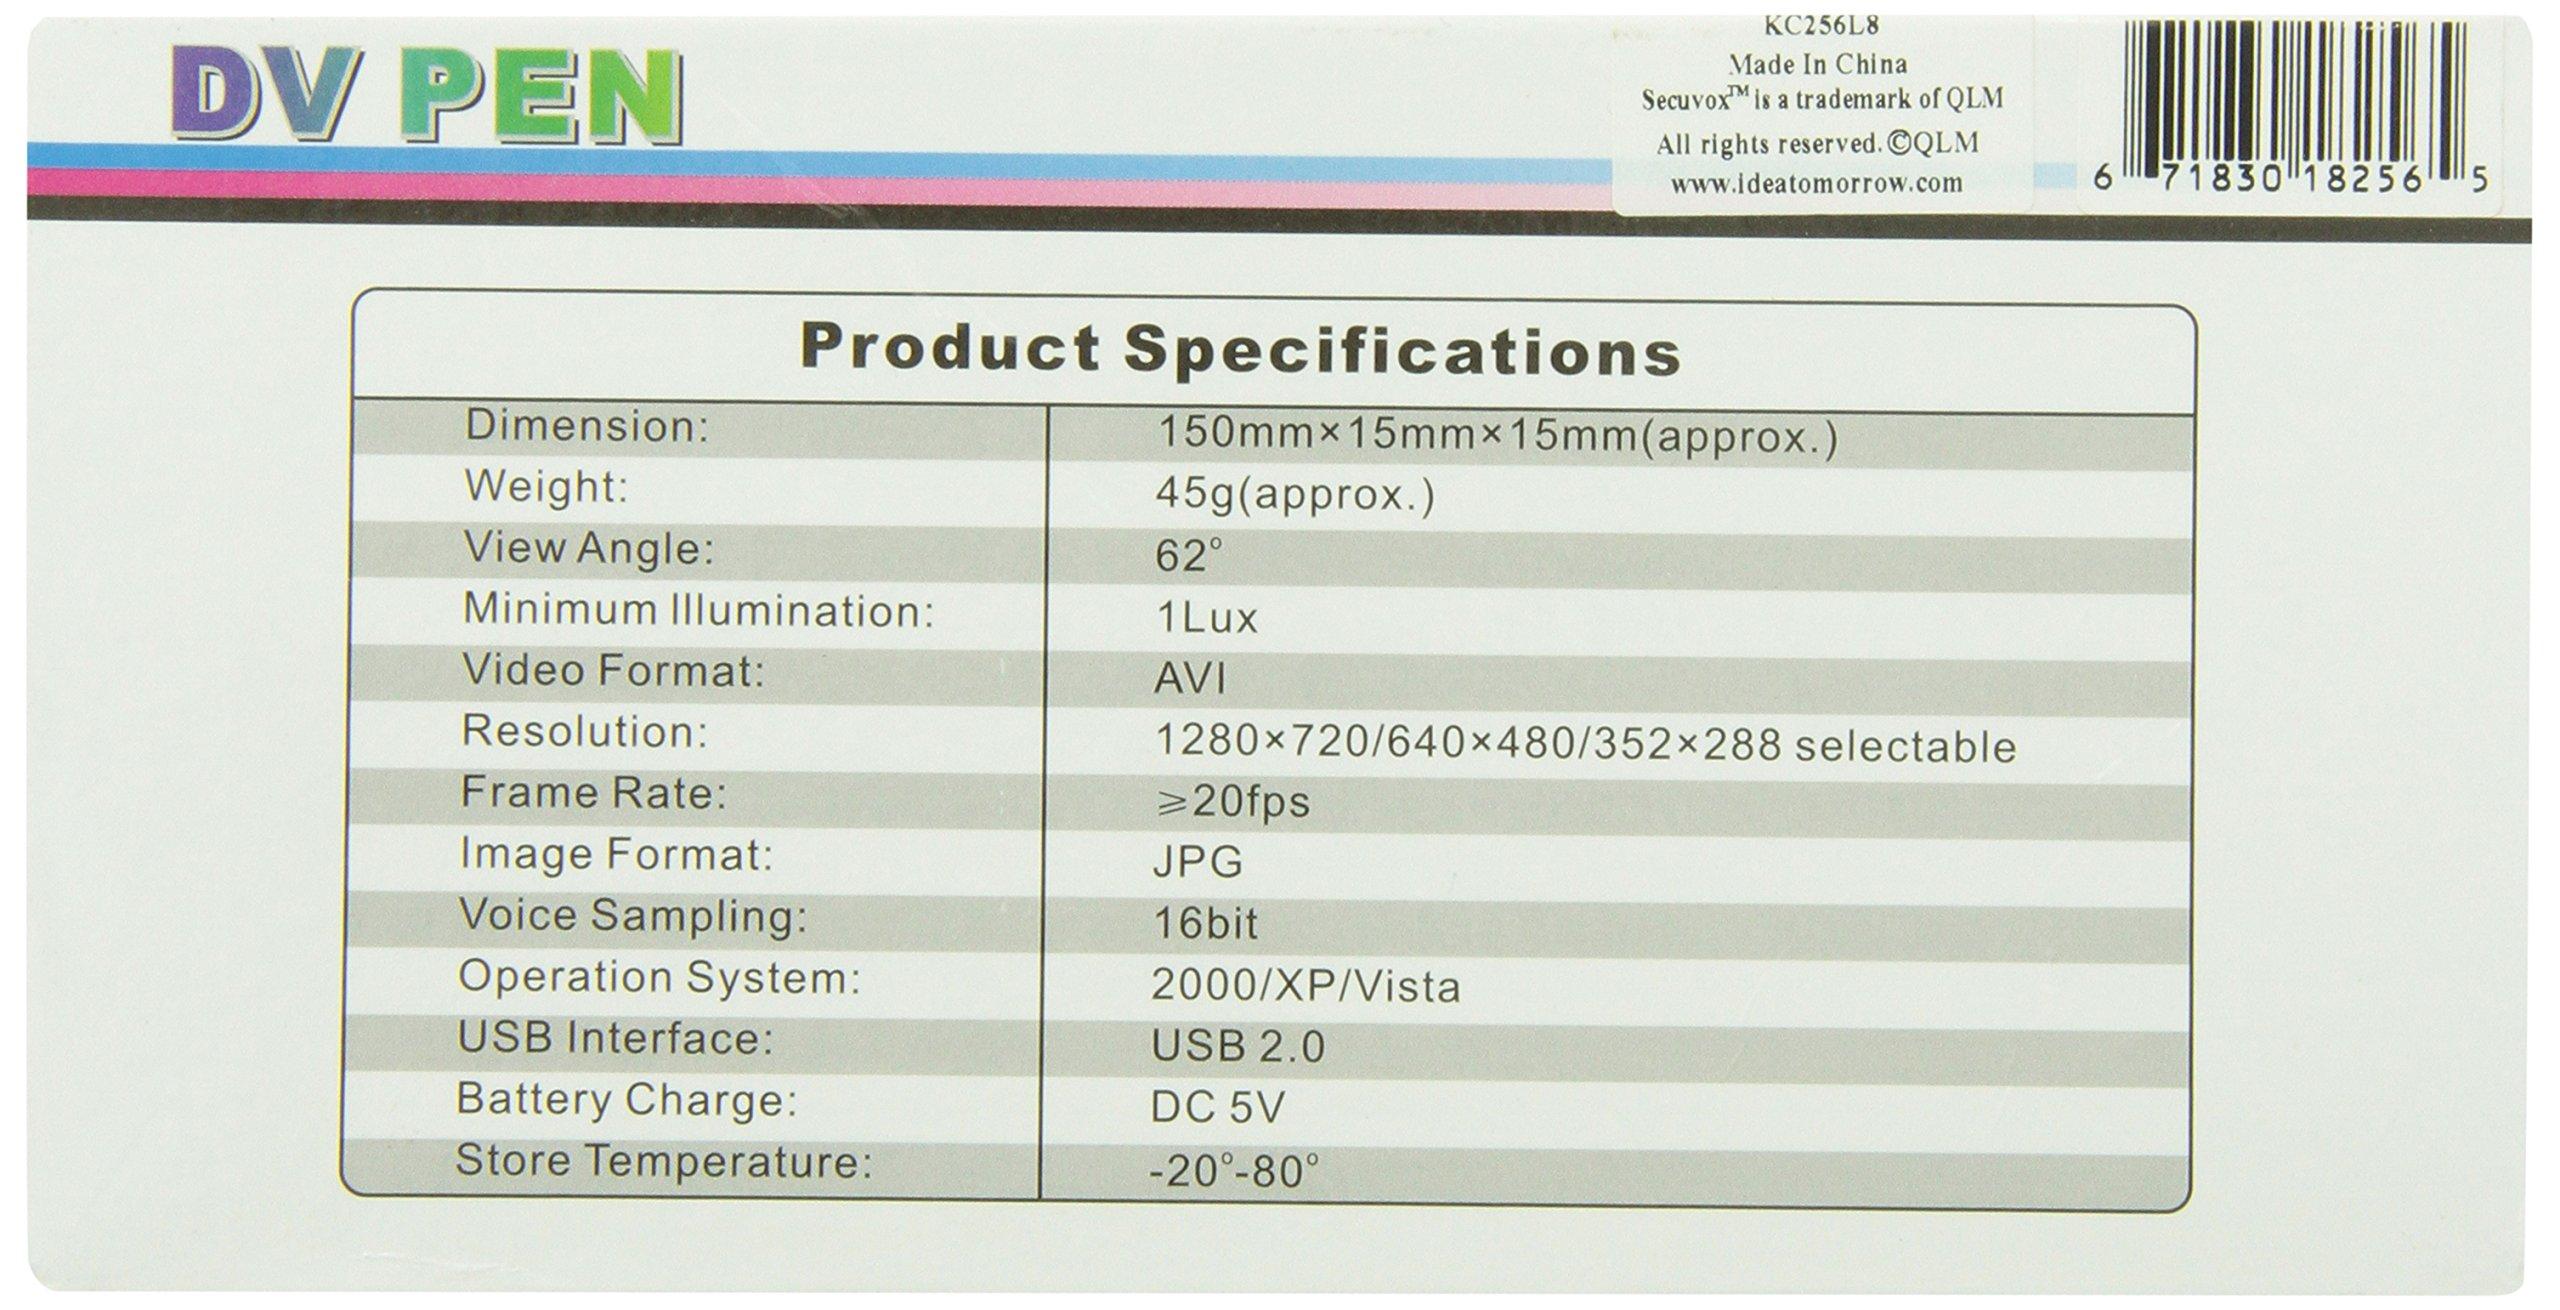 SecuVox Motion Detection Smart Spy Pen Camcorder, Black